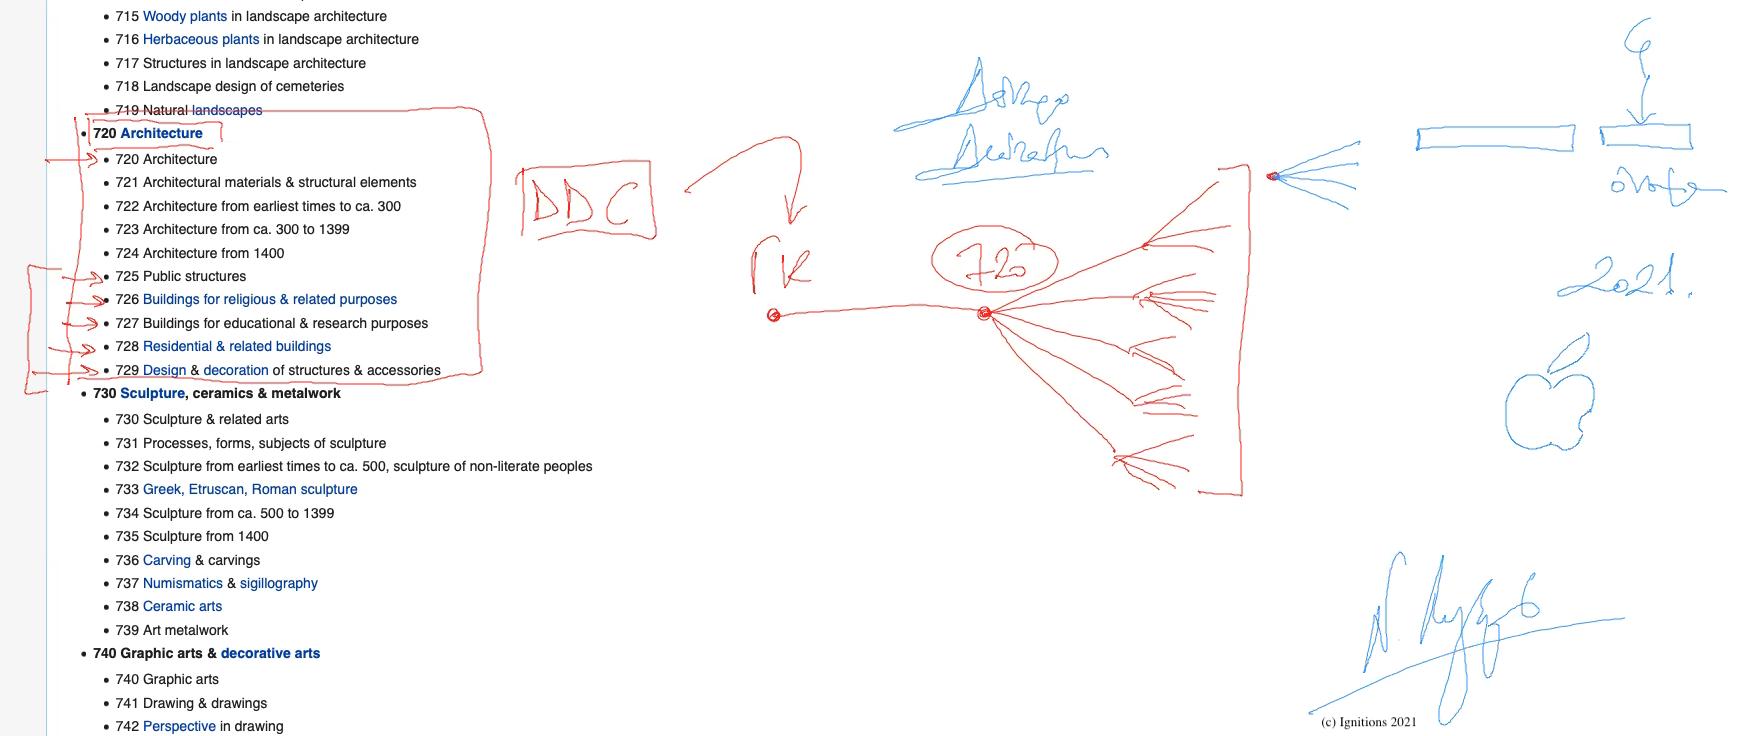 57815 - 57814 - e-Μάθημα III:Διατάξεις,συνδυασμοί και ταξινόμησηDewey. (Dessin)